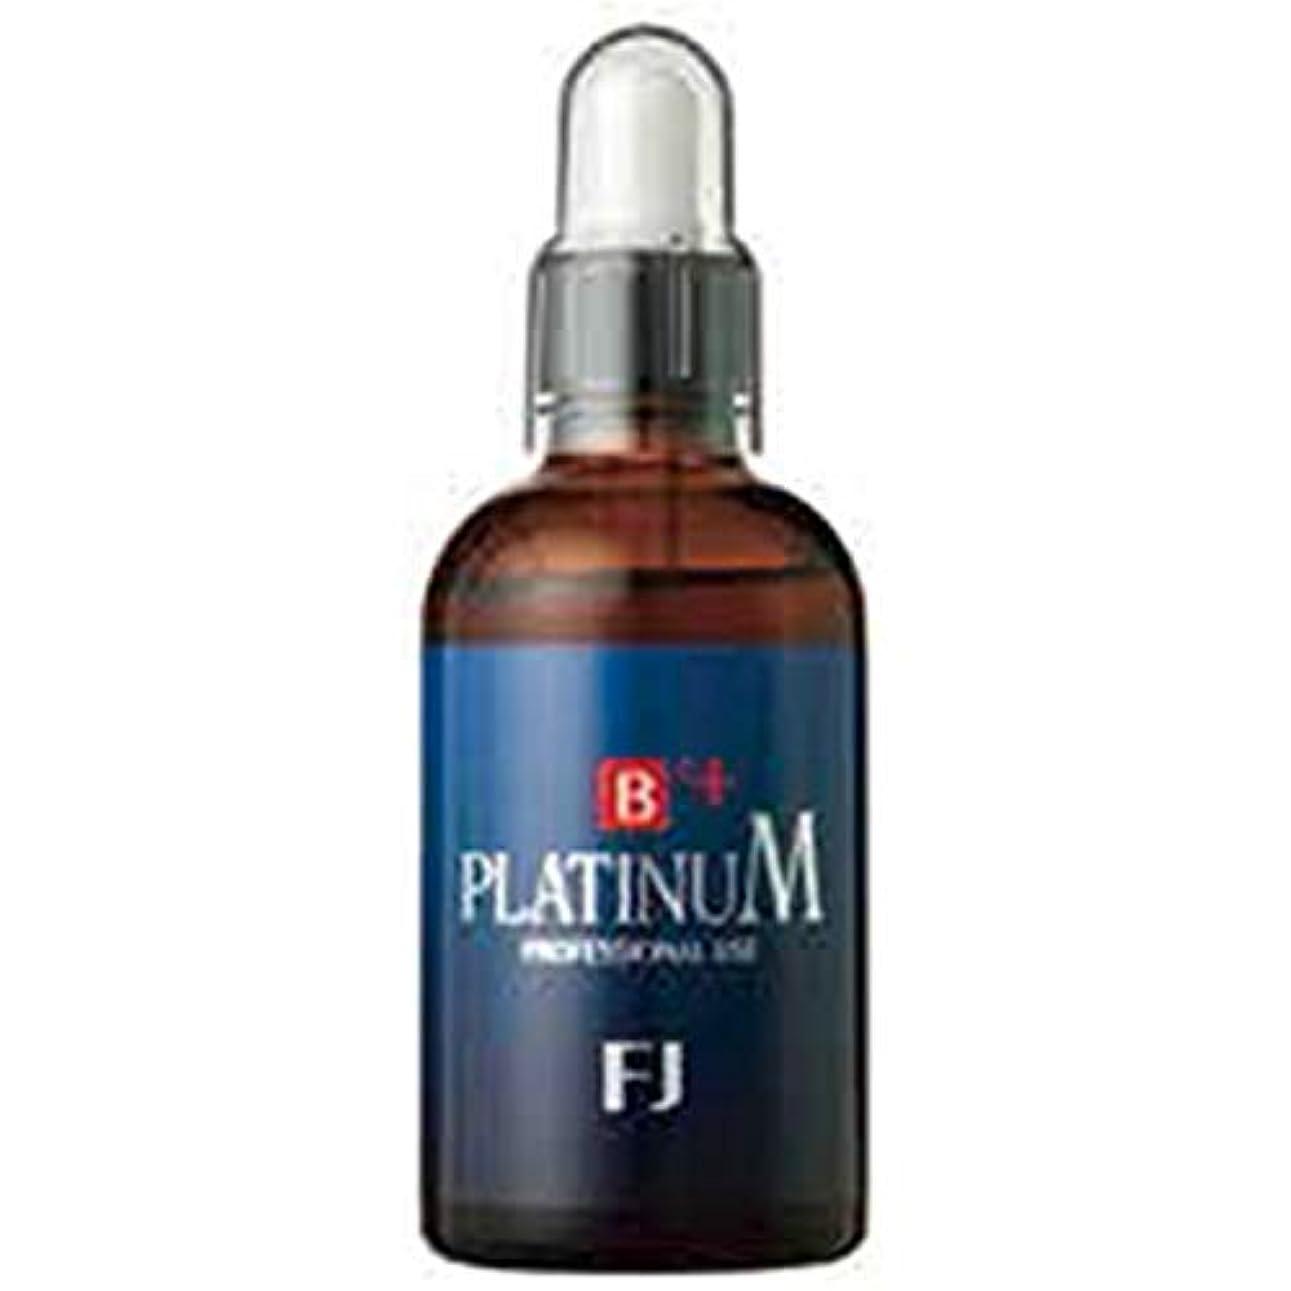 耕す有効丈夫【ビューティー プラチナム】 PLATINUM B'+  フォスファチジルコリン20%高濃度美容液  :100ml